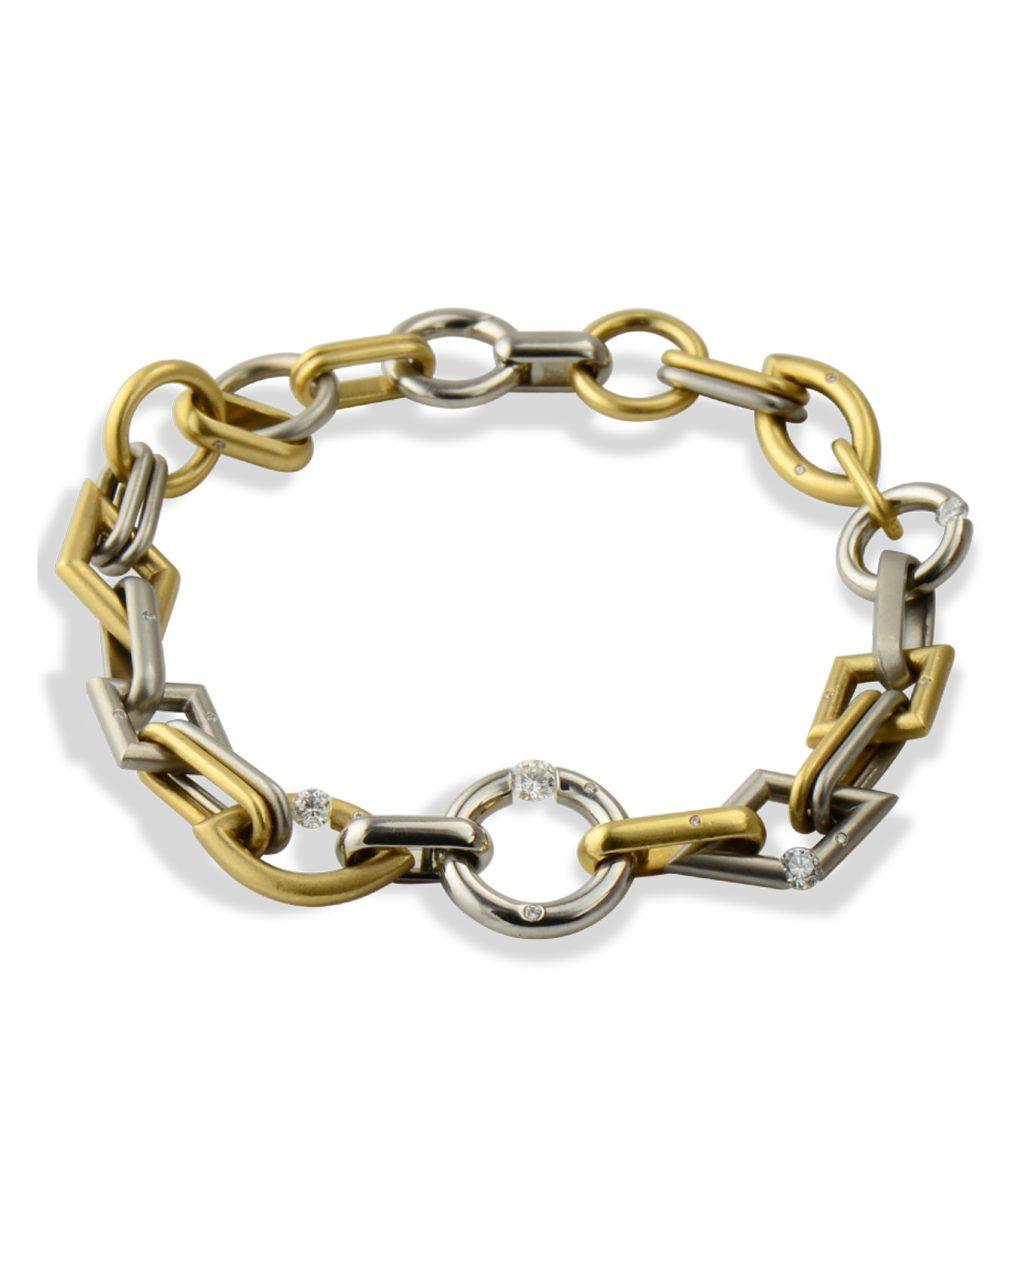 Bracelet designed by Steven Kretchmer